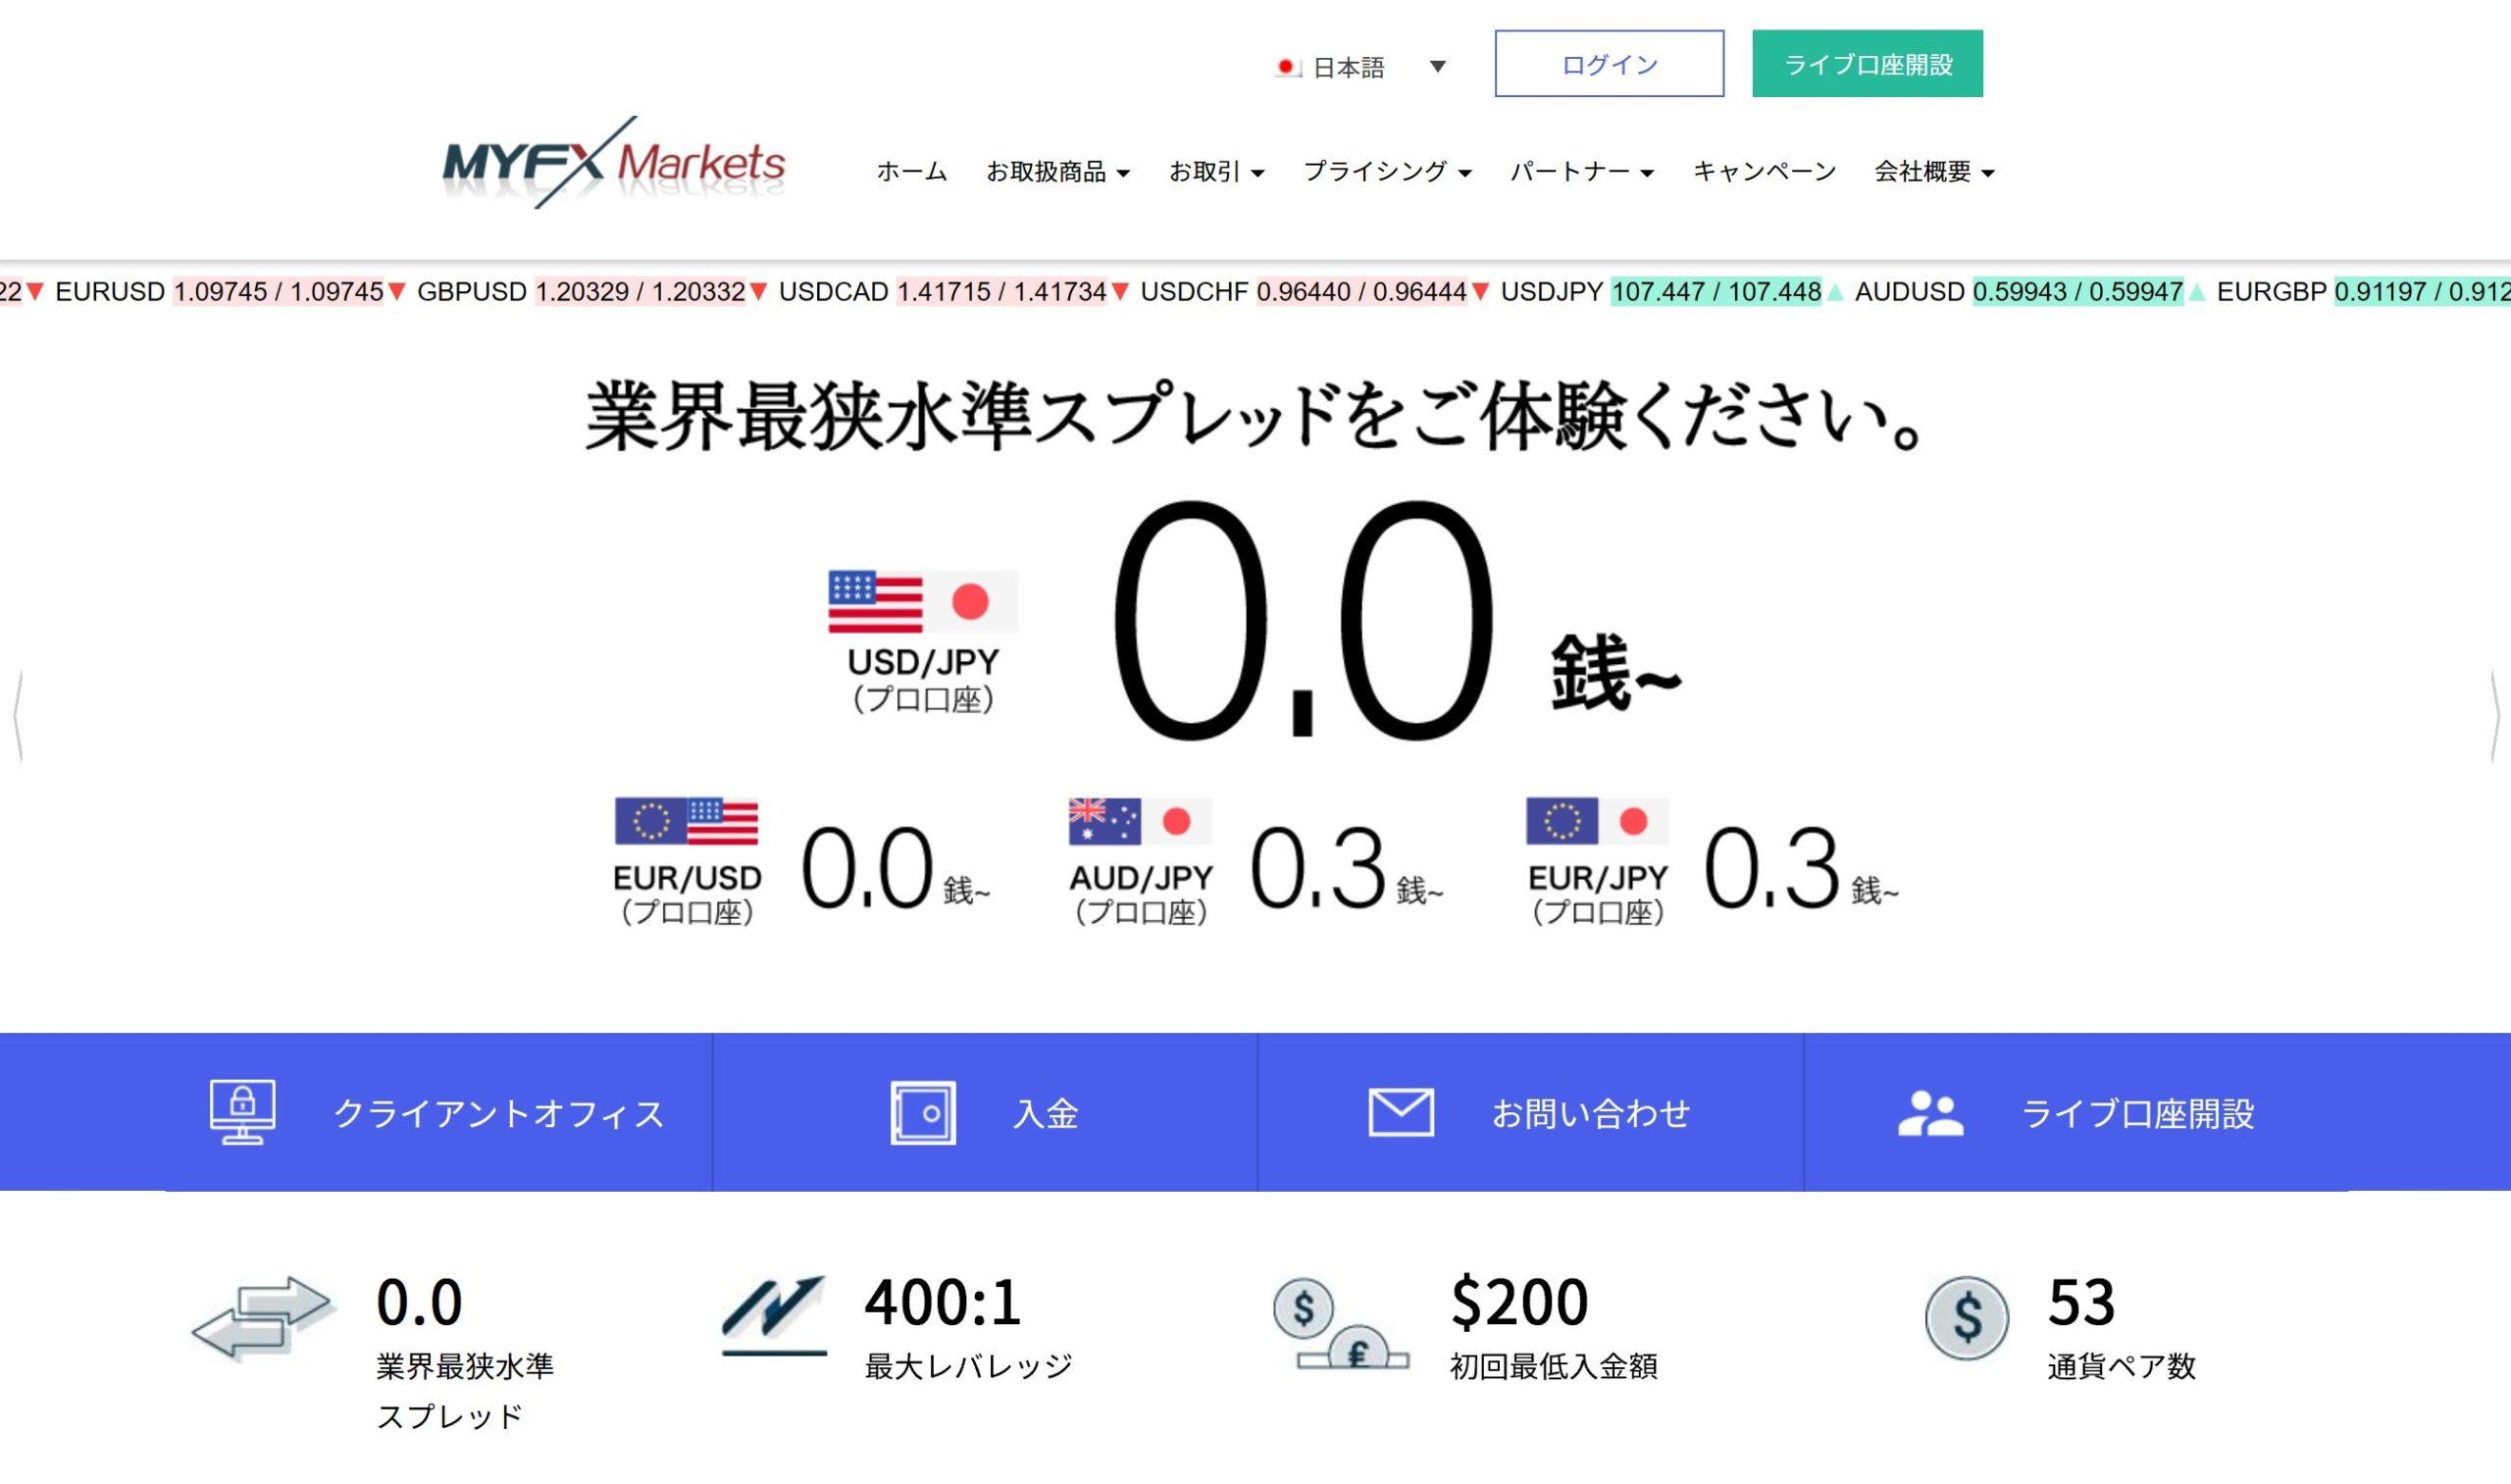 海外FX MYFX Markets 口座開設 メリット・デメリット